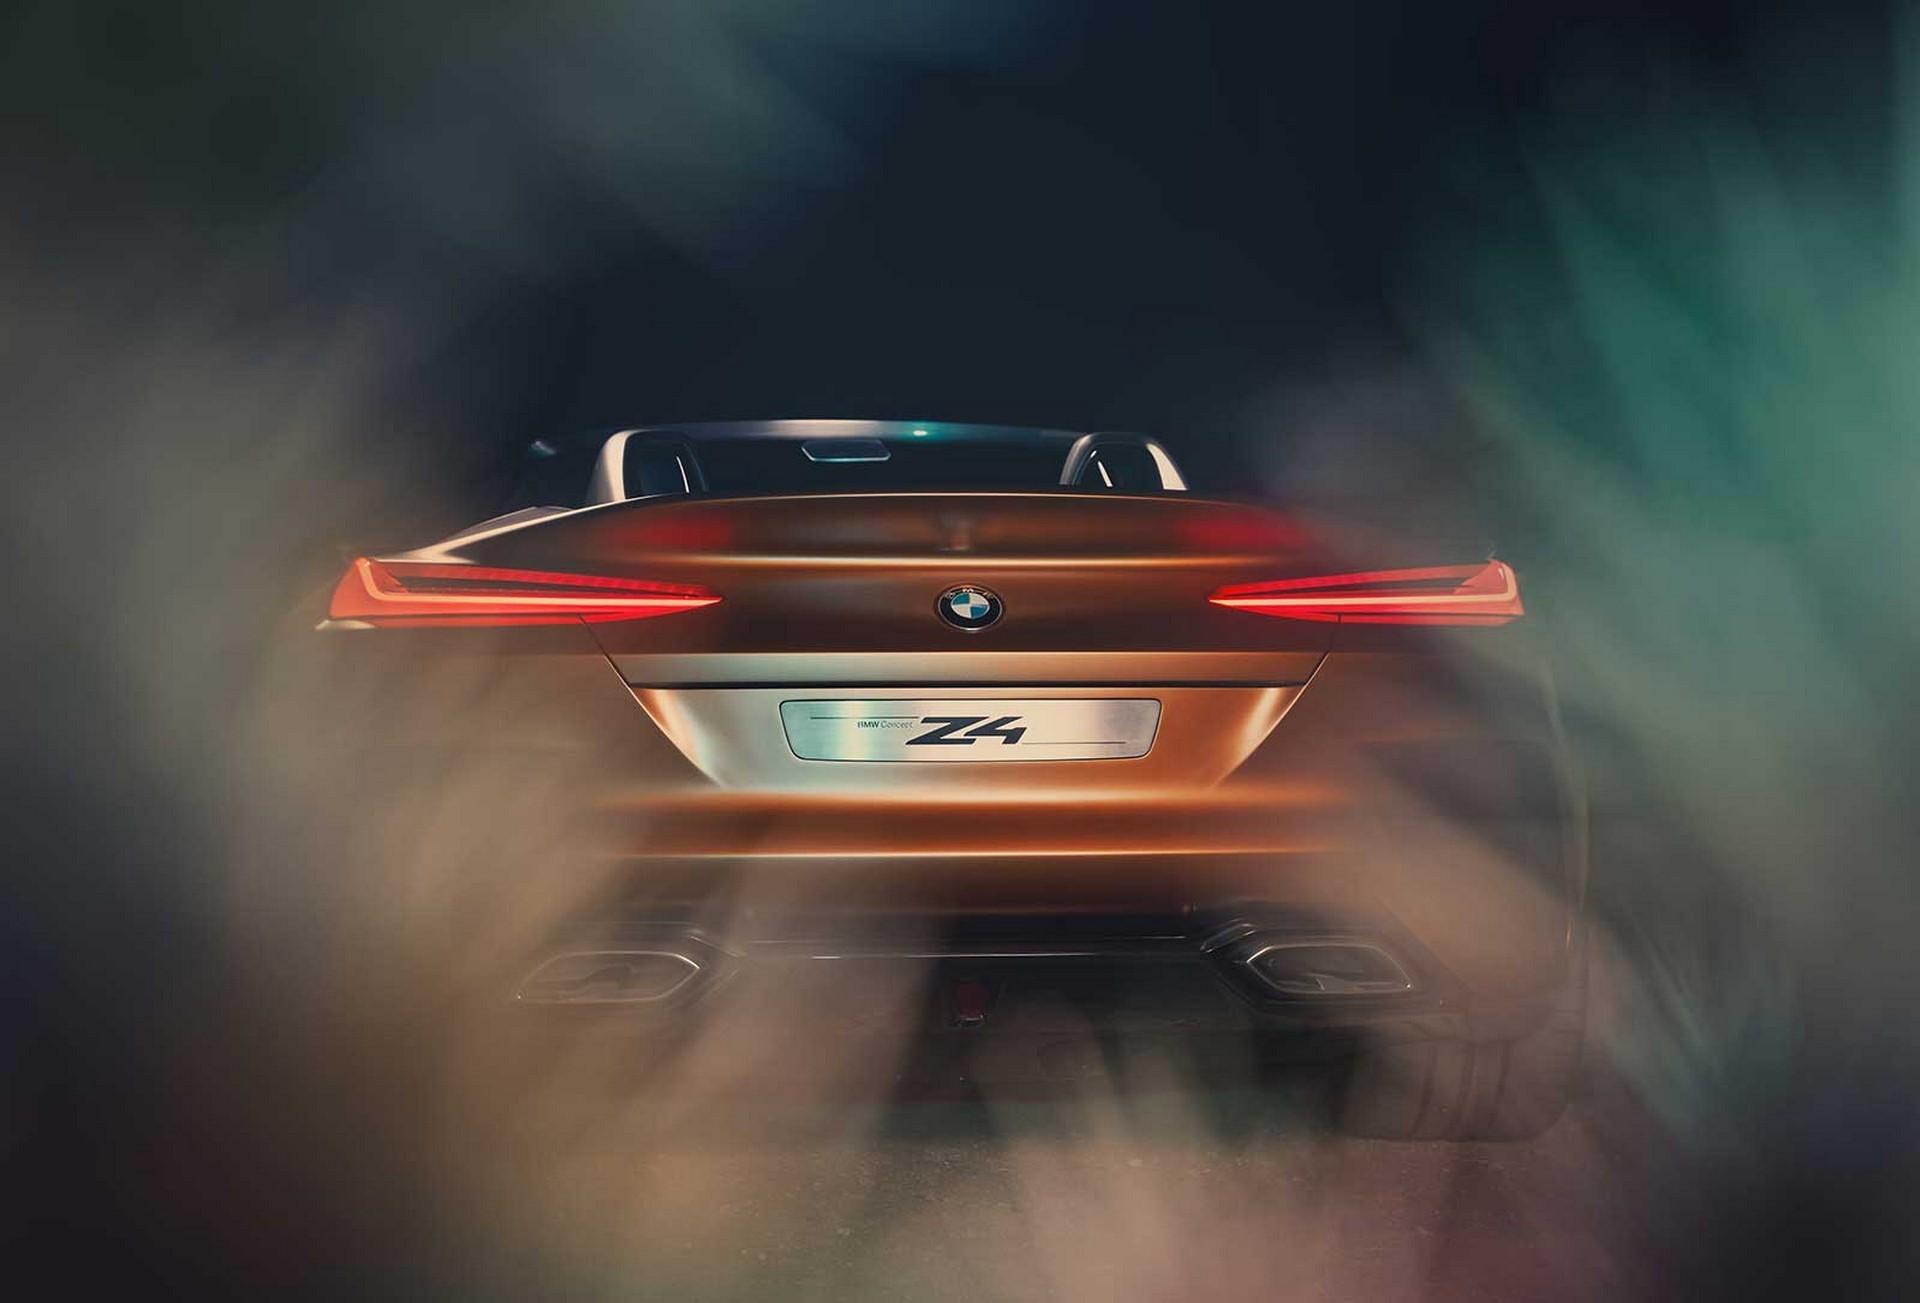 BMW_Z4_concept_070_16